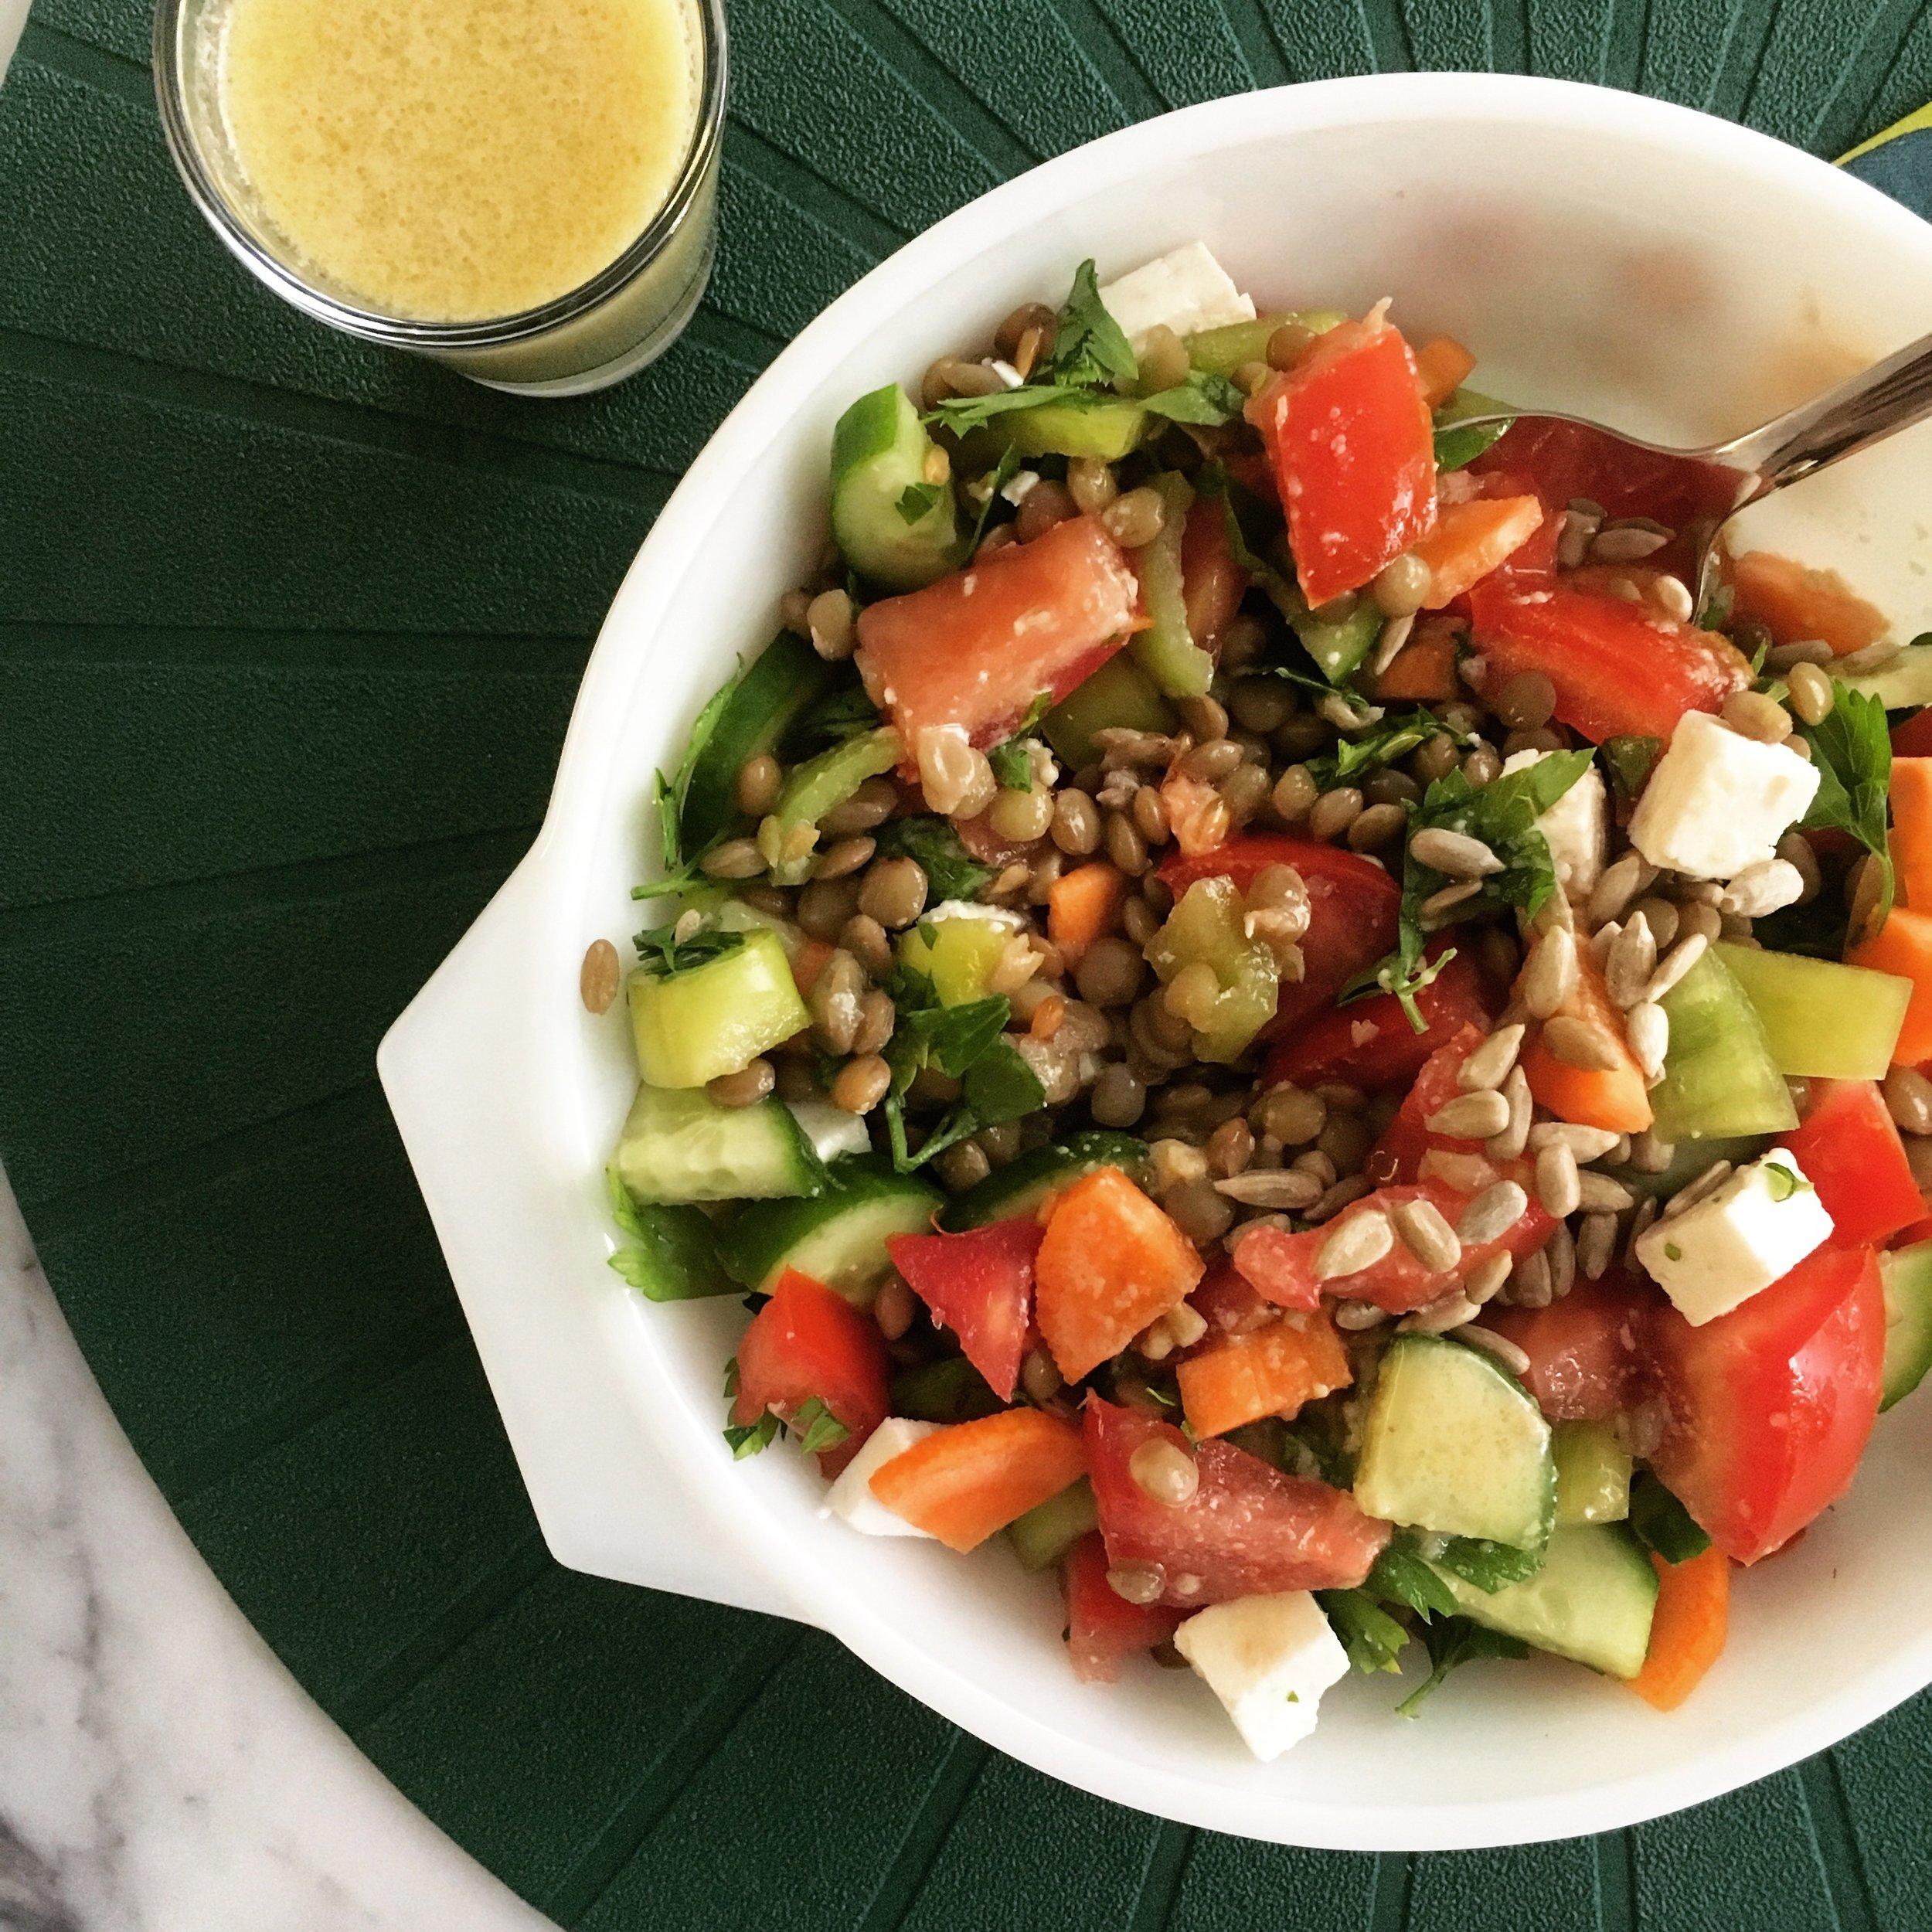 Az yeşillik bol baklagil; mercimek, domates, salatalık, havuç, beyaz peynir, ay çekirdeği, maydanoz. Ballı hardallı sos ile.